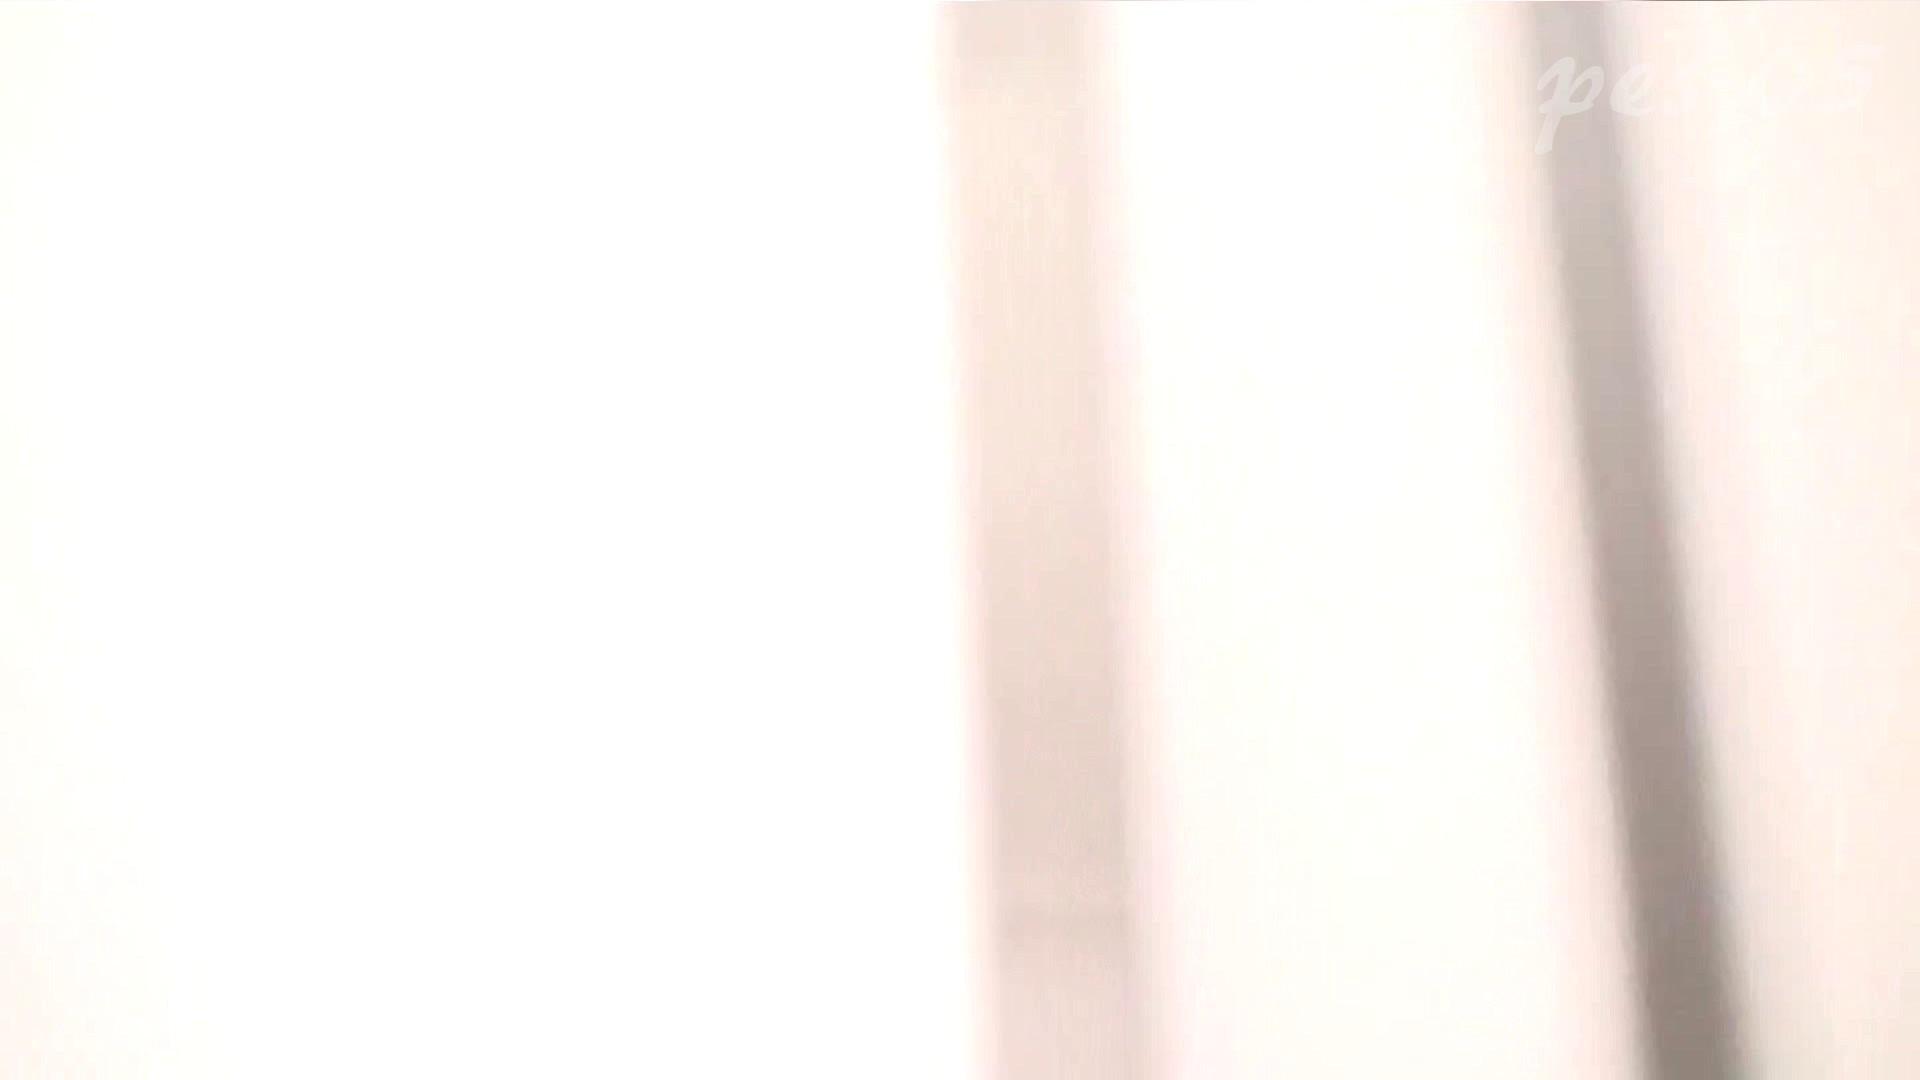 ※100個限定販売 至高下半身盗撮-プレミアム-【体育館編】VOL.5 ギャル攻め AV動画キャプチャ 108画像 46